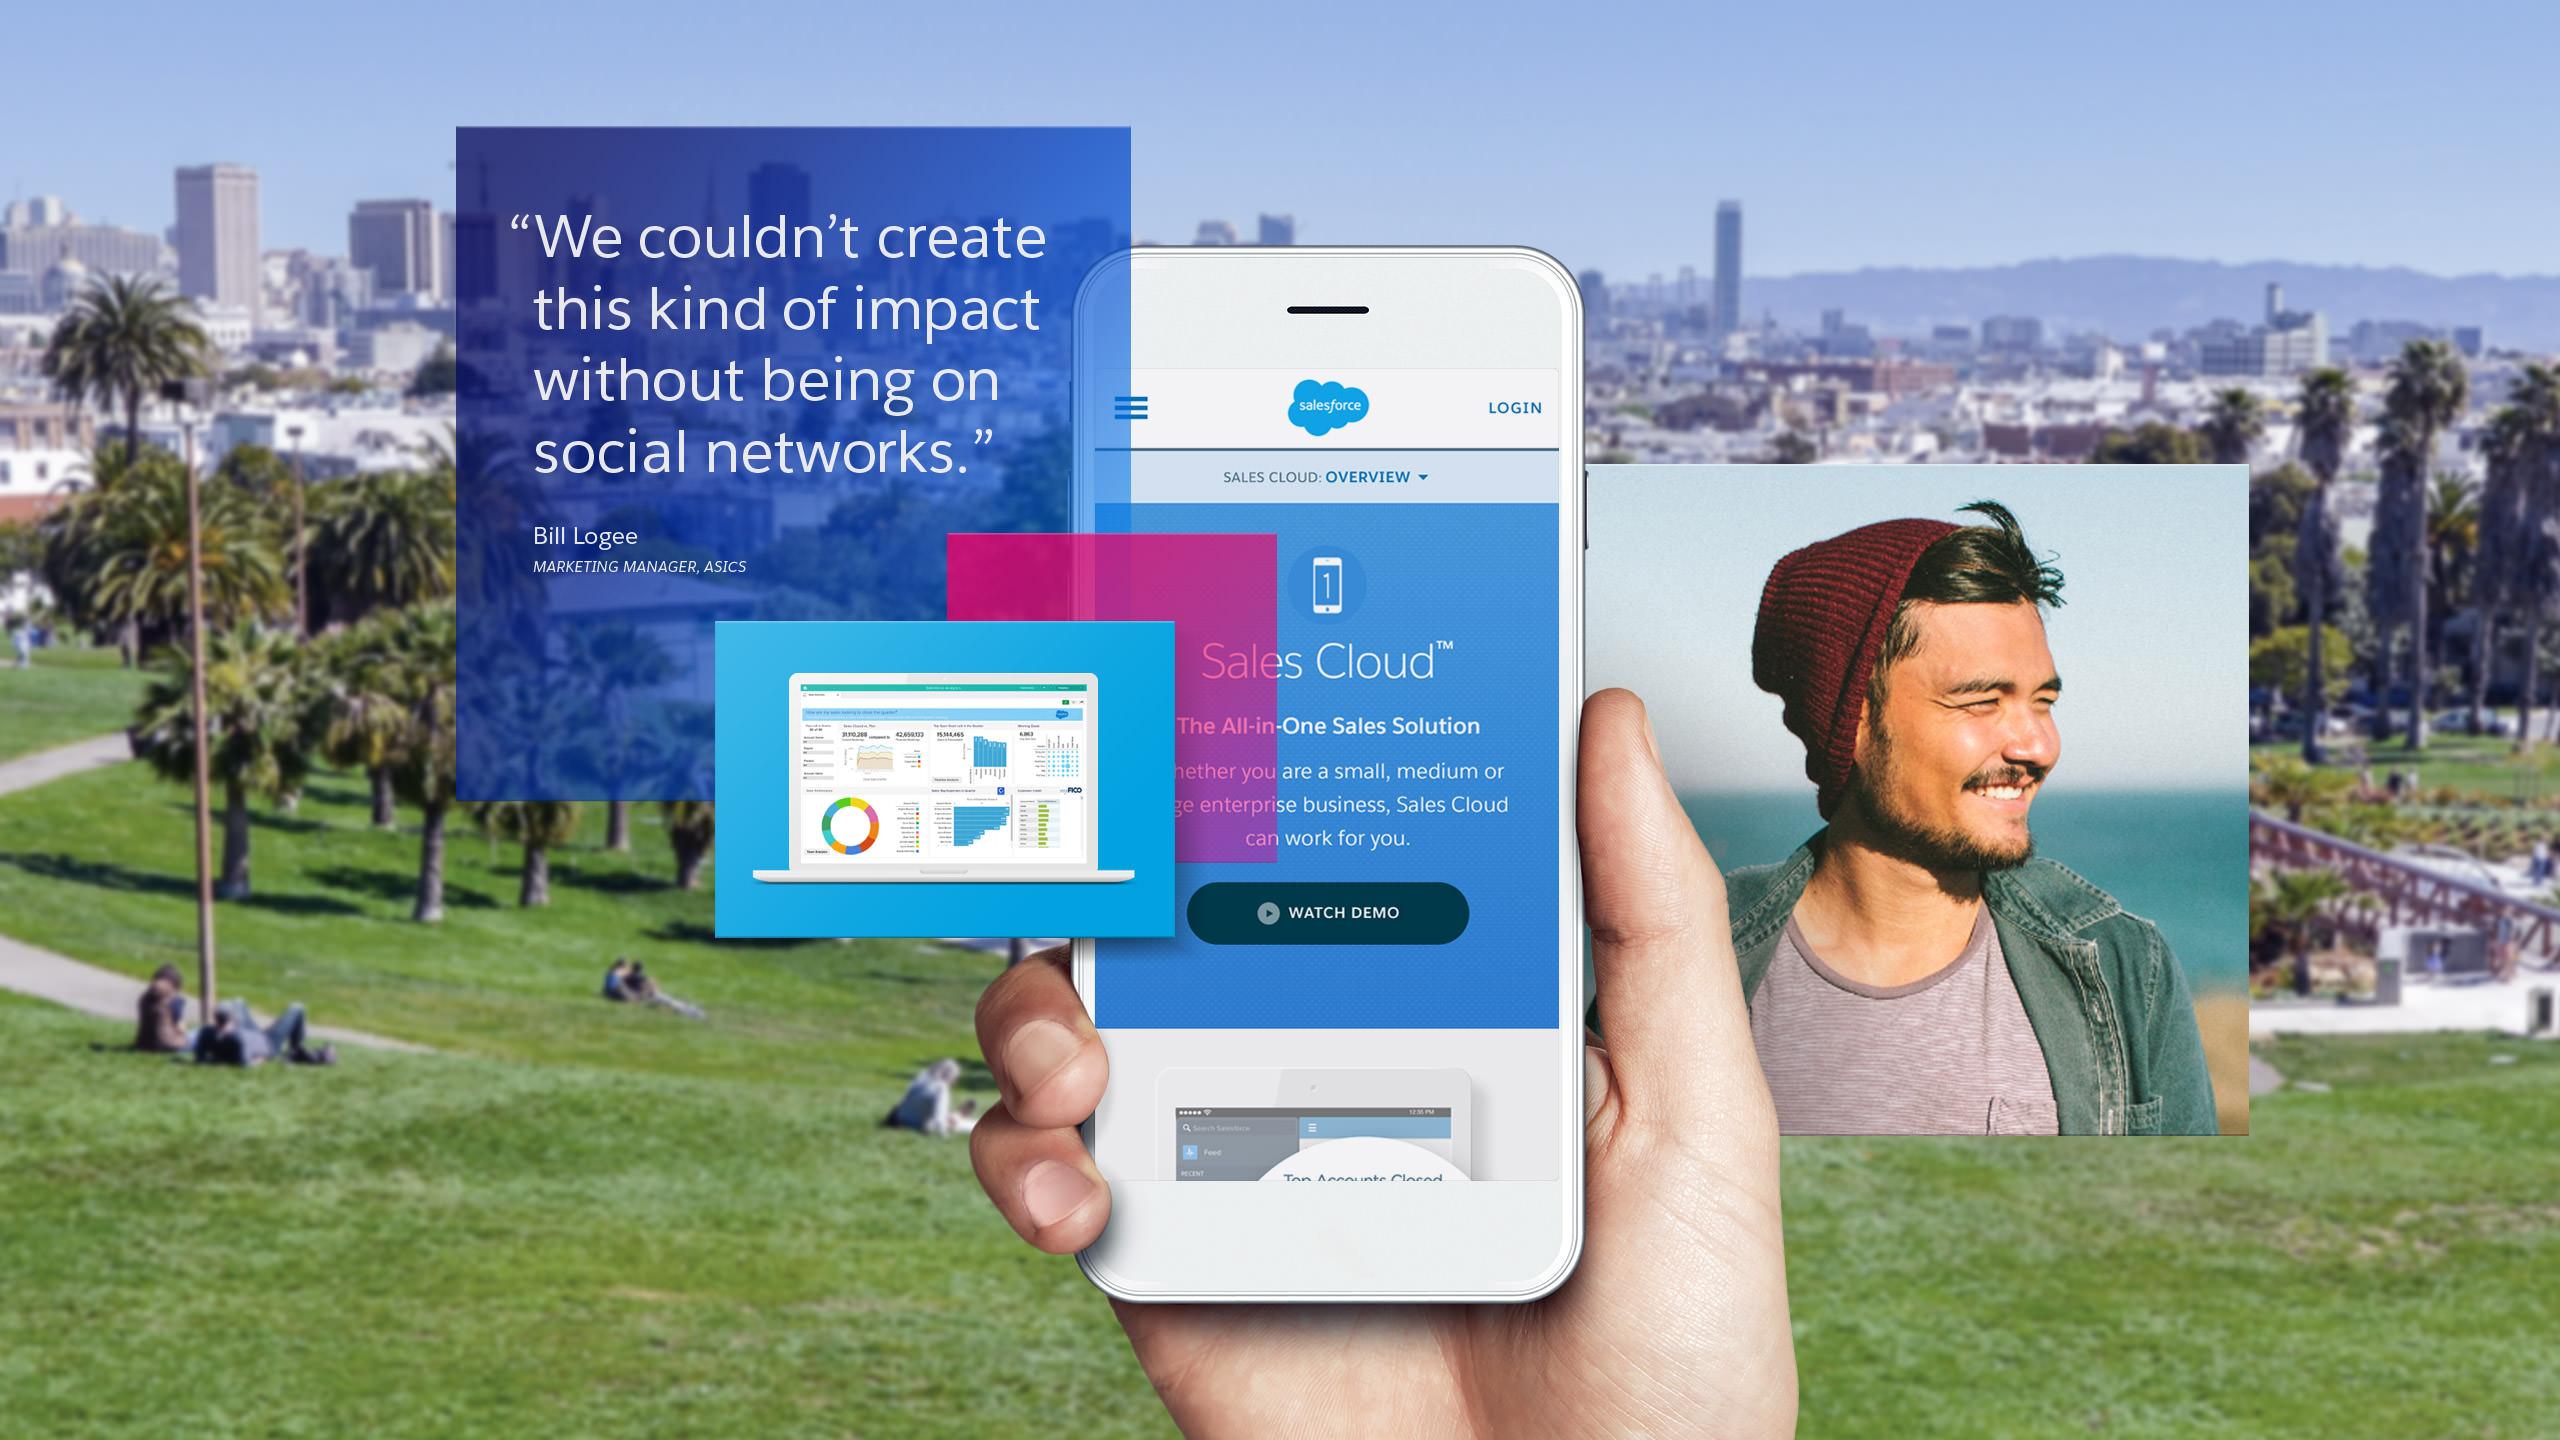 salesforce-brand-sales-cloud-photo-app-park